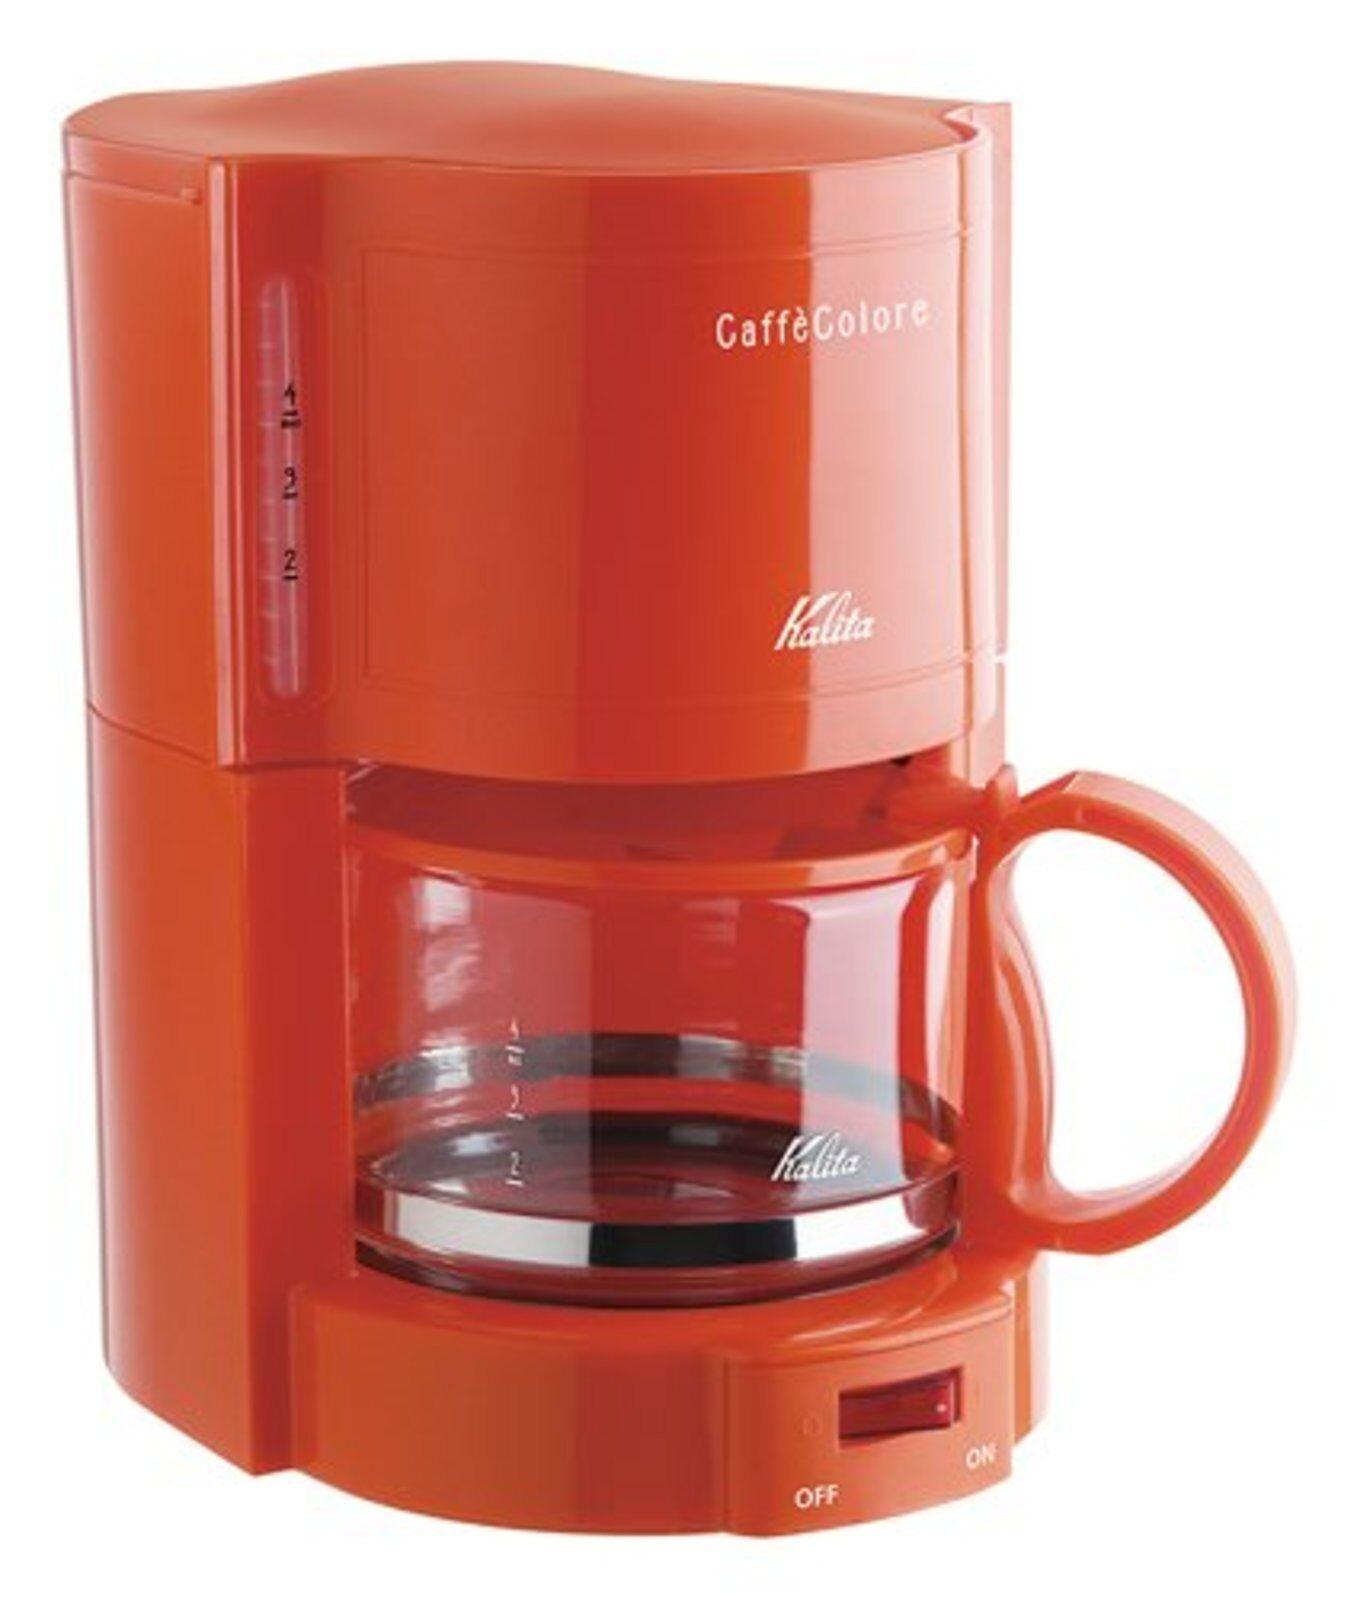 Kalita Cafetière Café Couleure V-102 Orange 4 tasses 100 V 50 60Hz F S AVEC No DE SUIVI